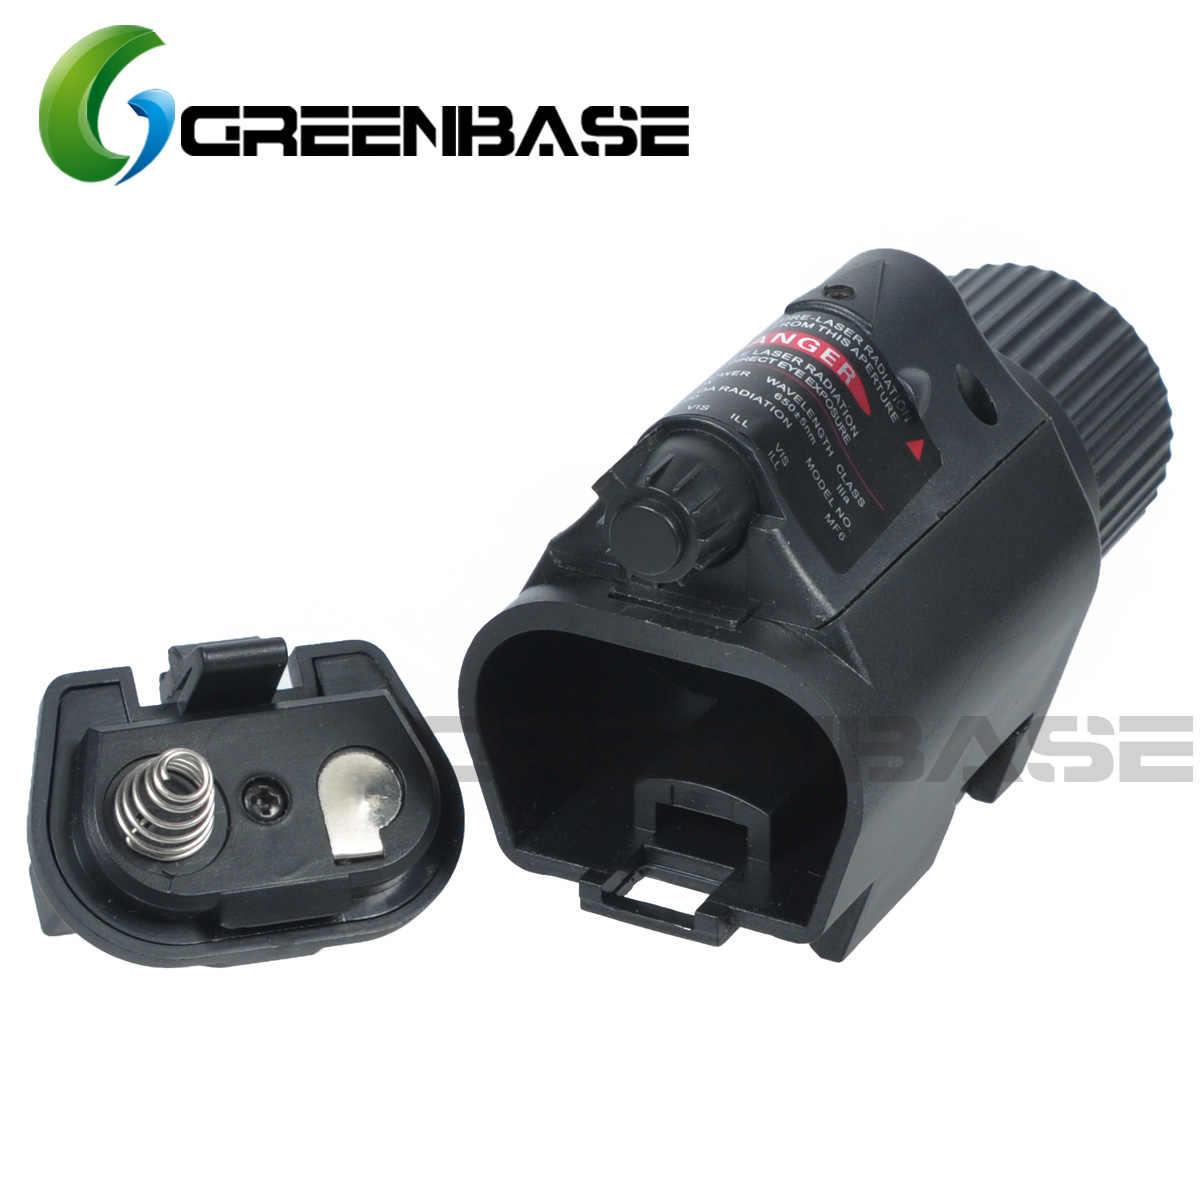 Greenbase, mira láser táctica M6 de punto rojo, juego de mira para Glock, Rifle, pistola, tiro, linterna LED Combo con adaptador QD compatible con riel de 20mm